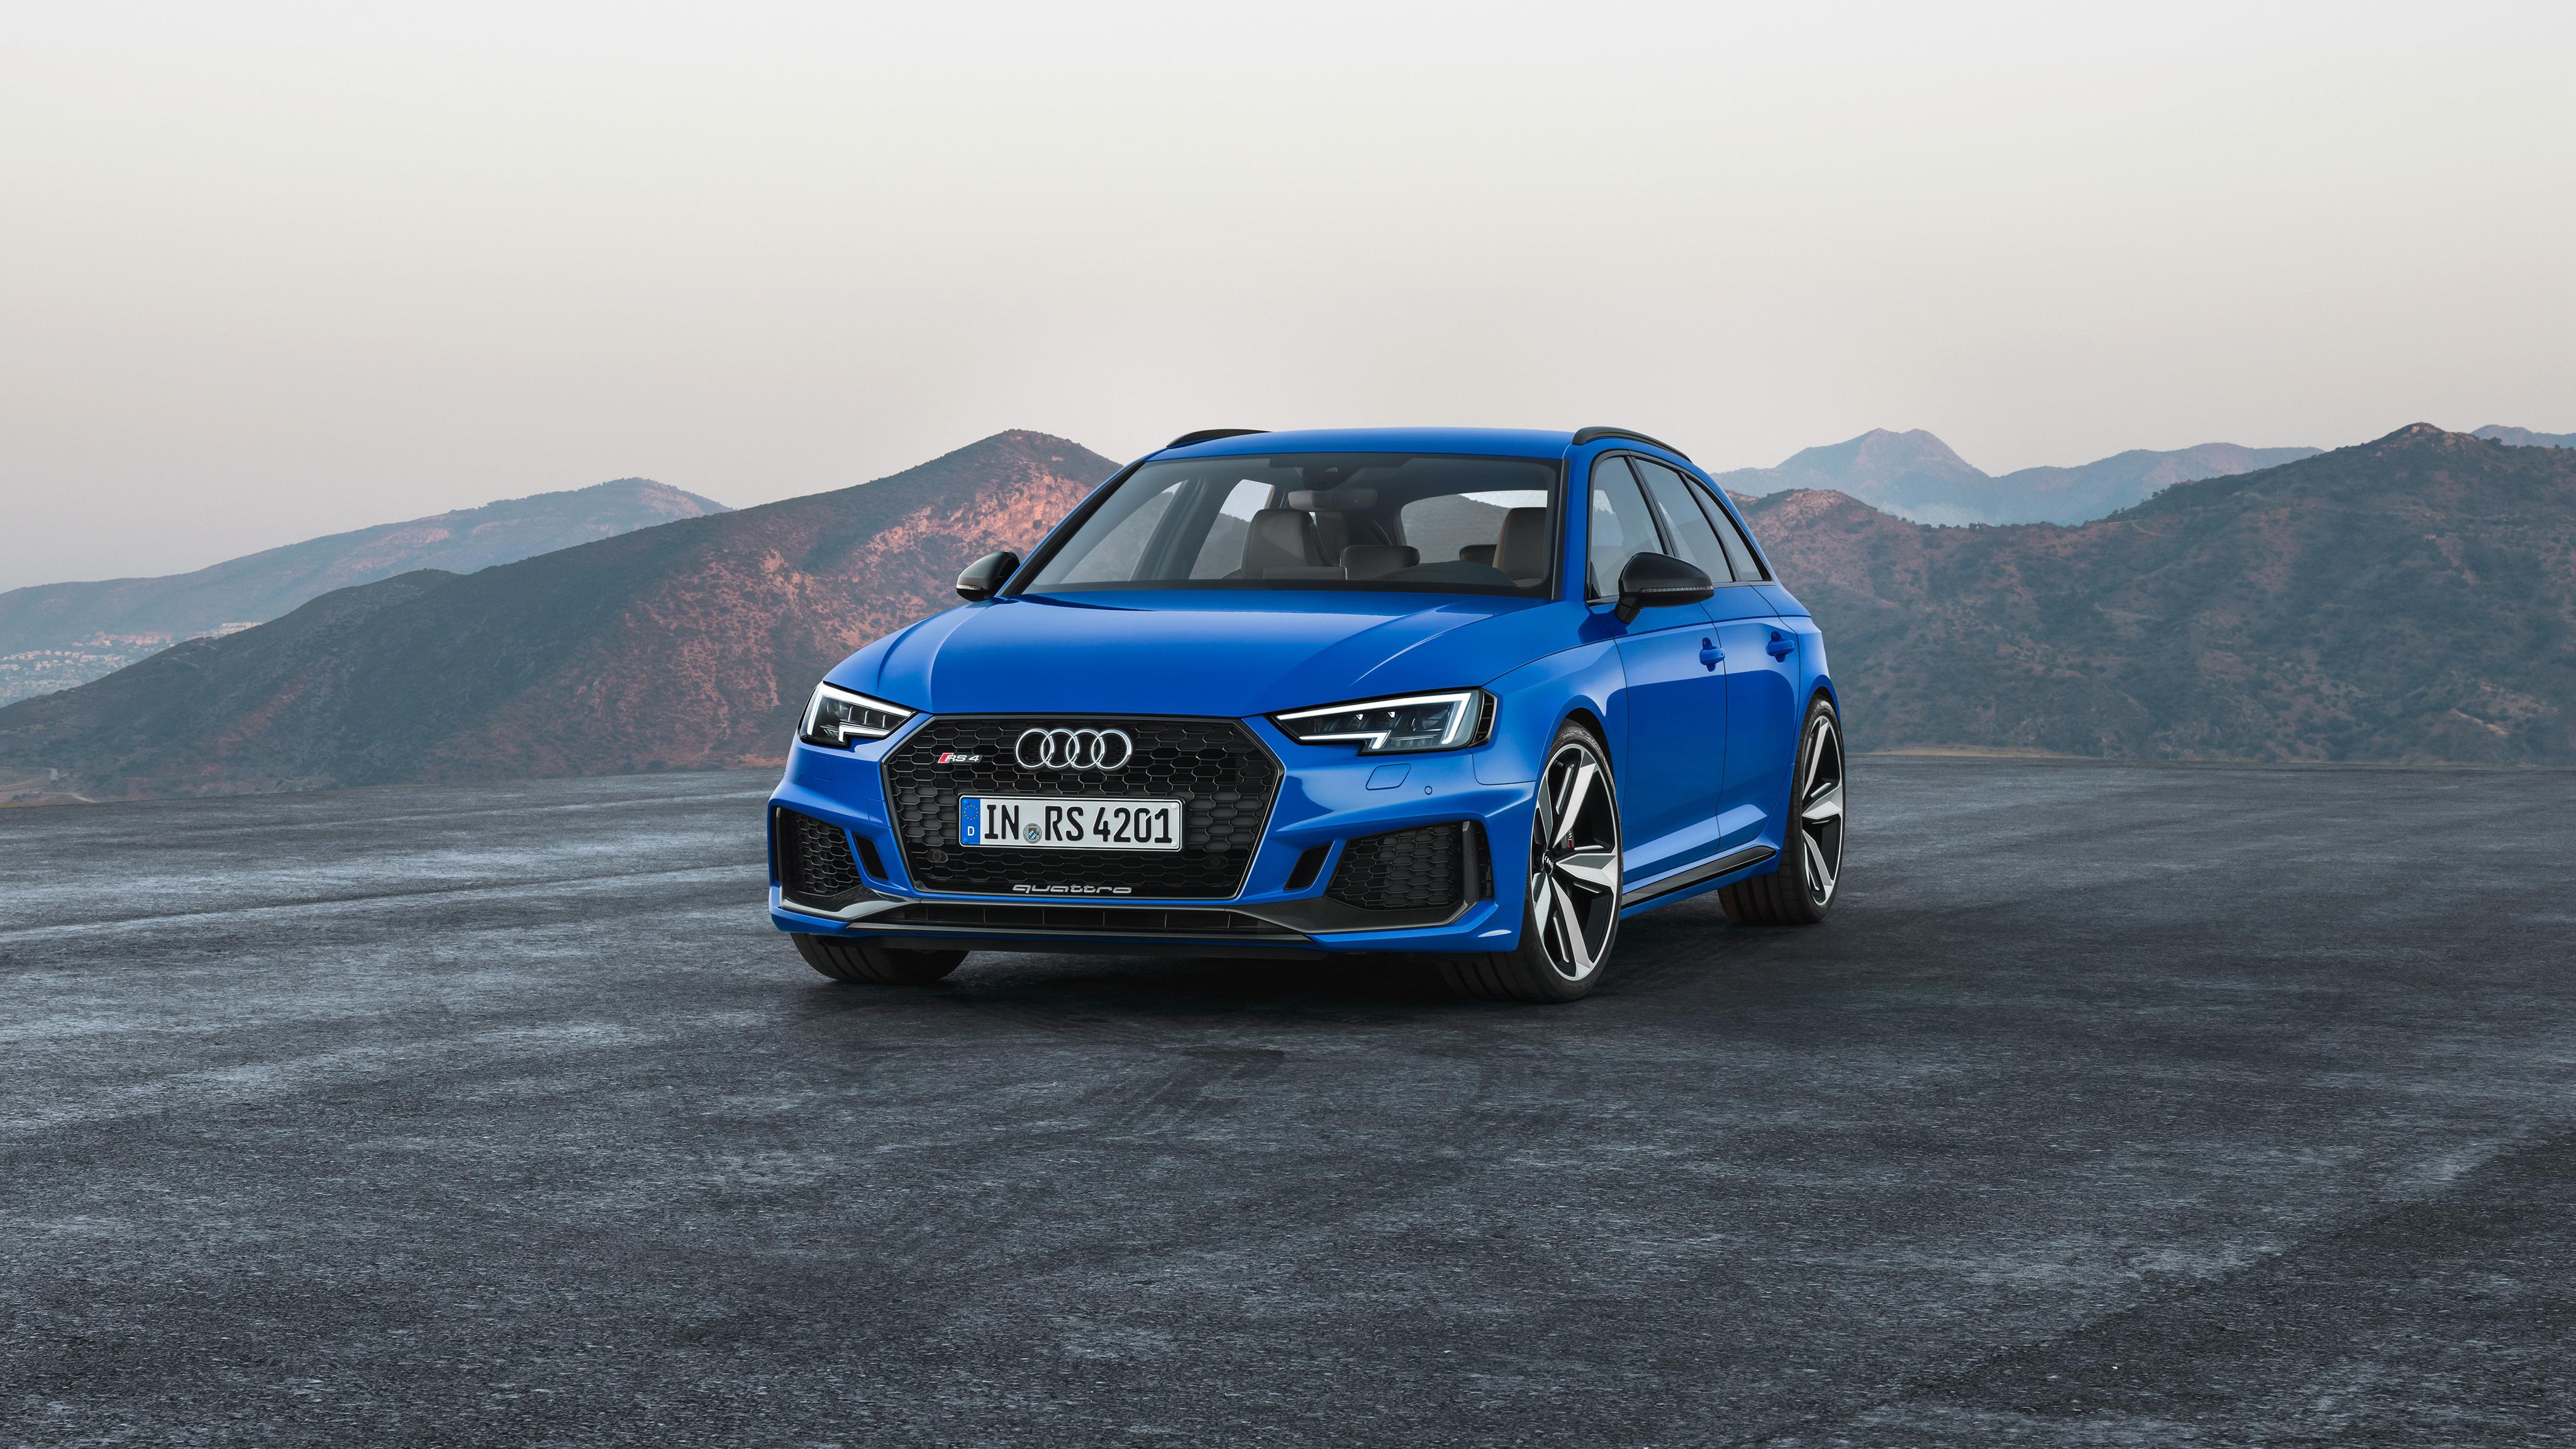 Audi RS Avant K Wallpaper HD Car Wallpapers - Audi car 4k wallpaper